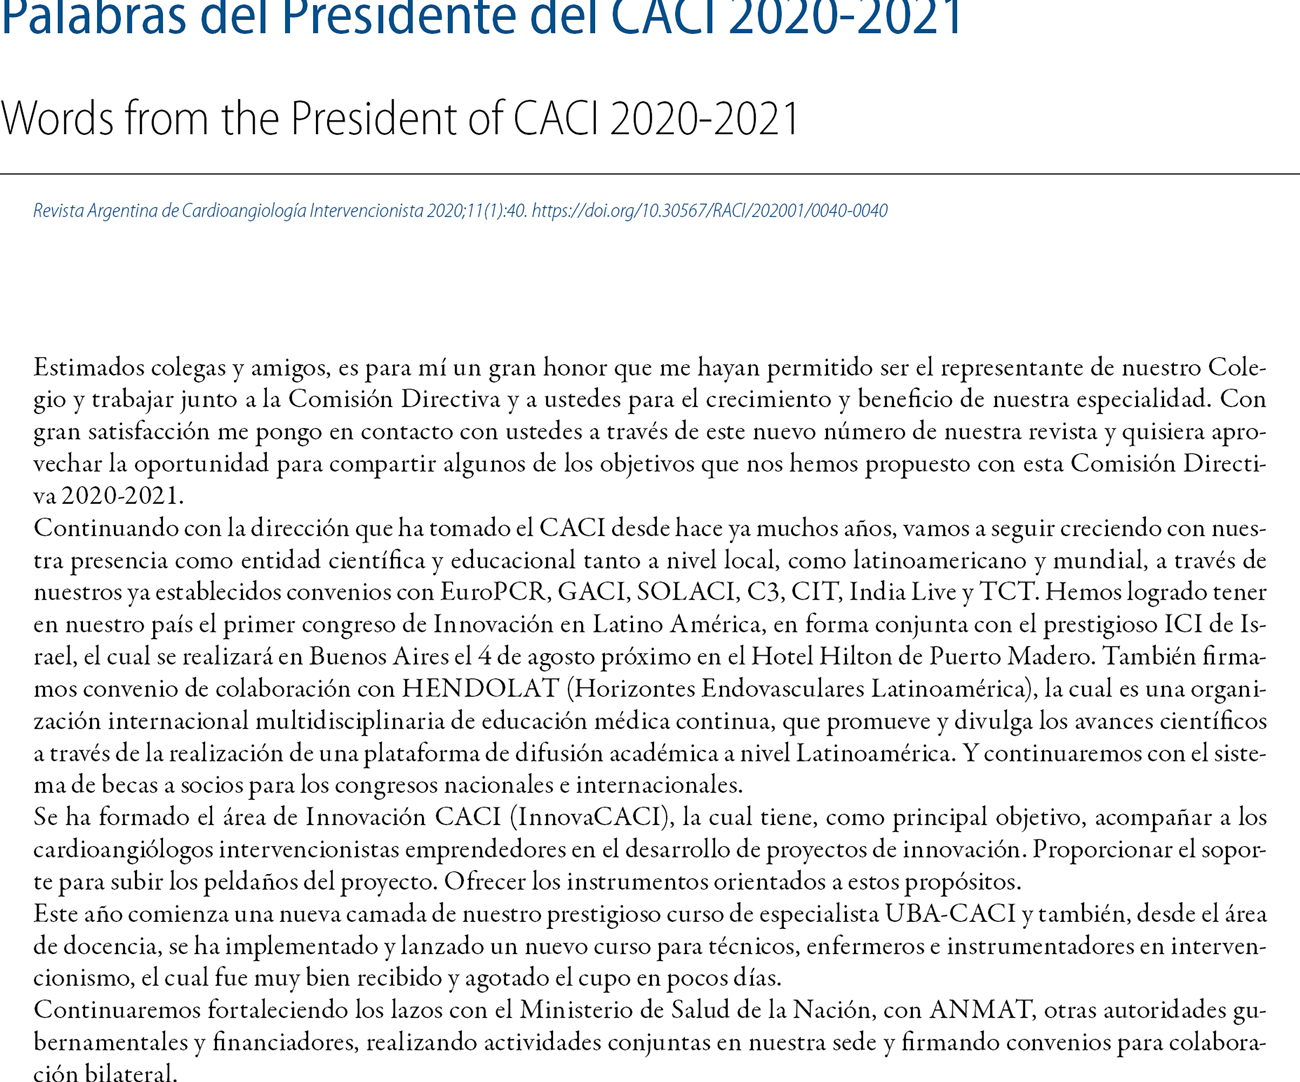 Palabras del Presidente del CACI 2020-2021